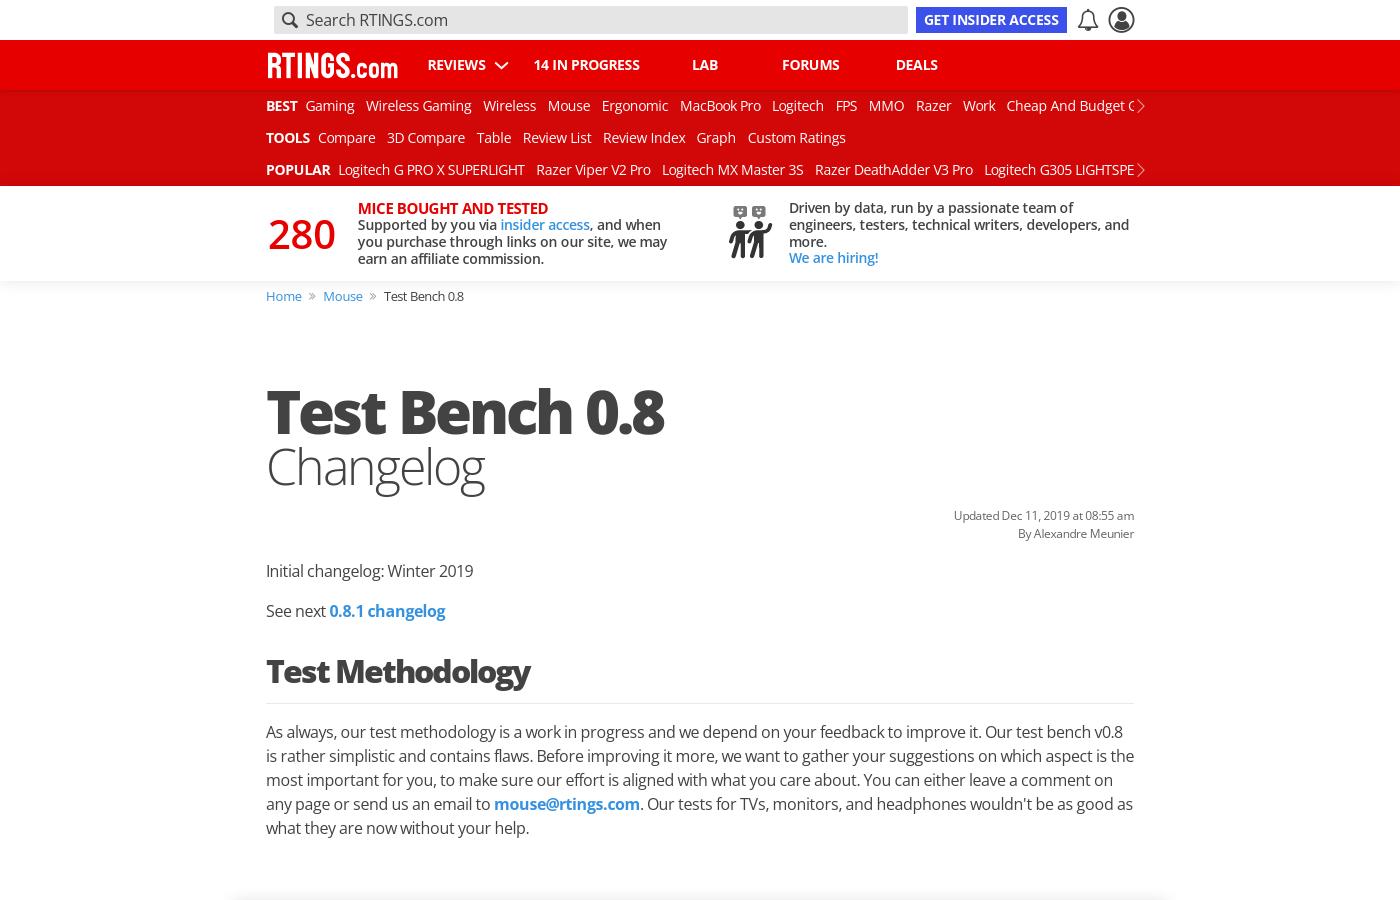 Test bench 0.8: Changelog